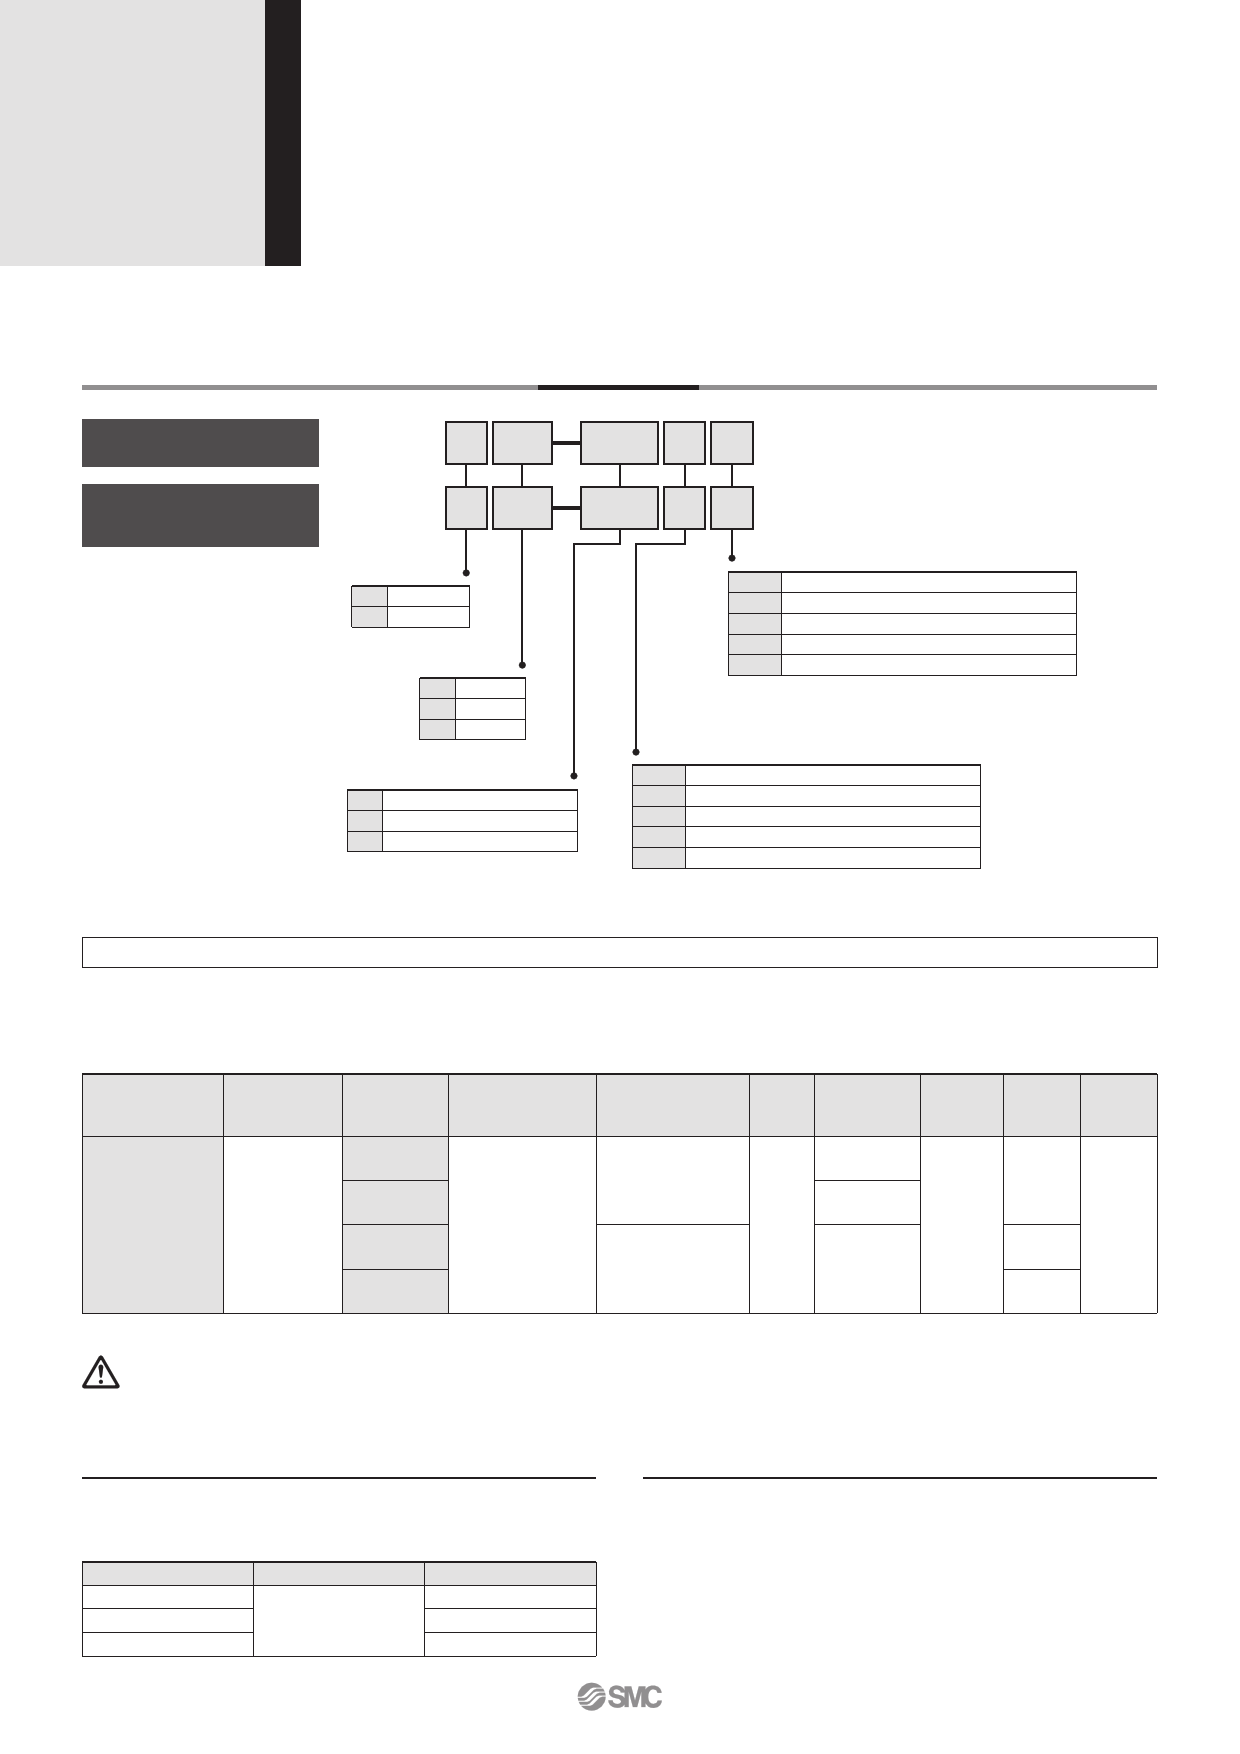 D-P4DWxx datasheet